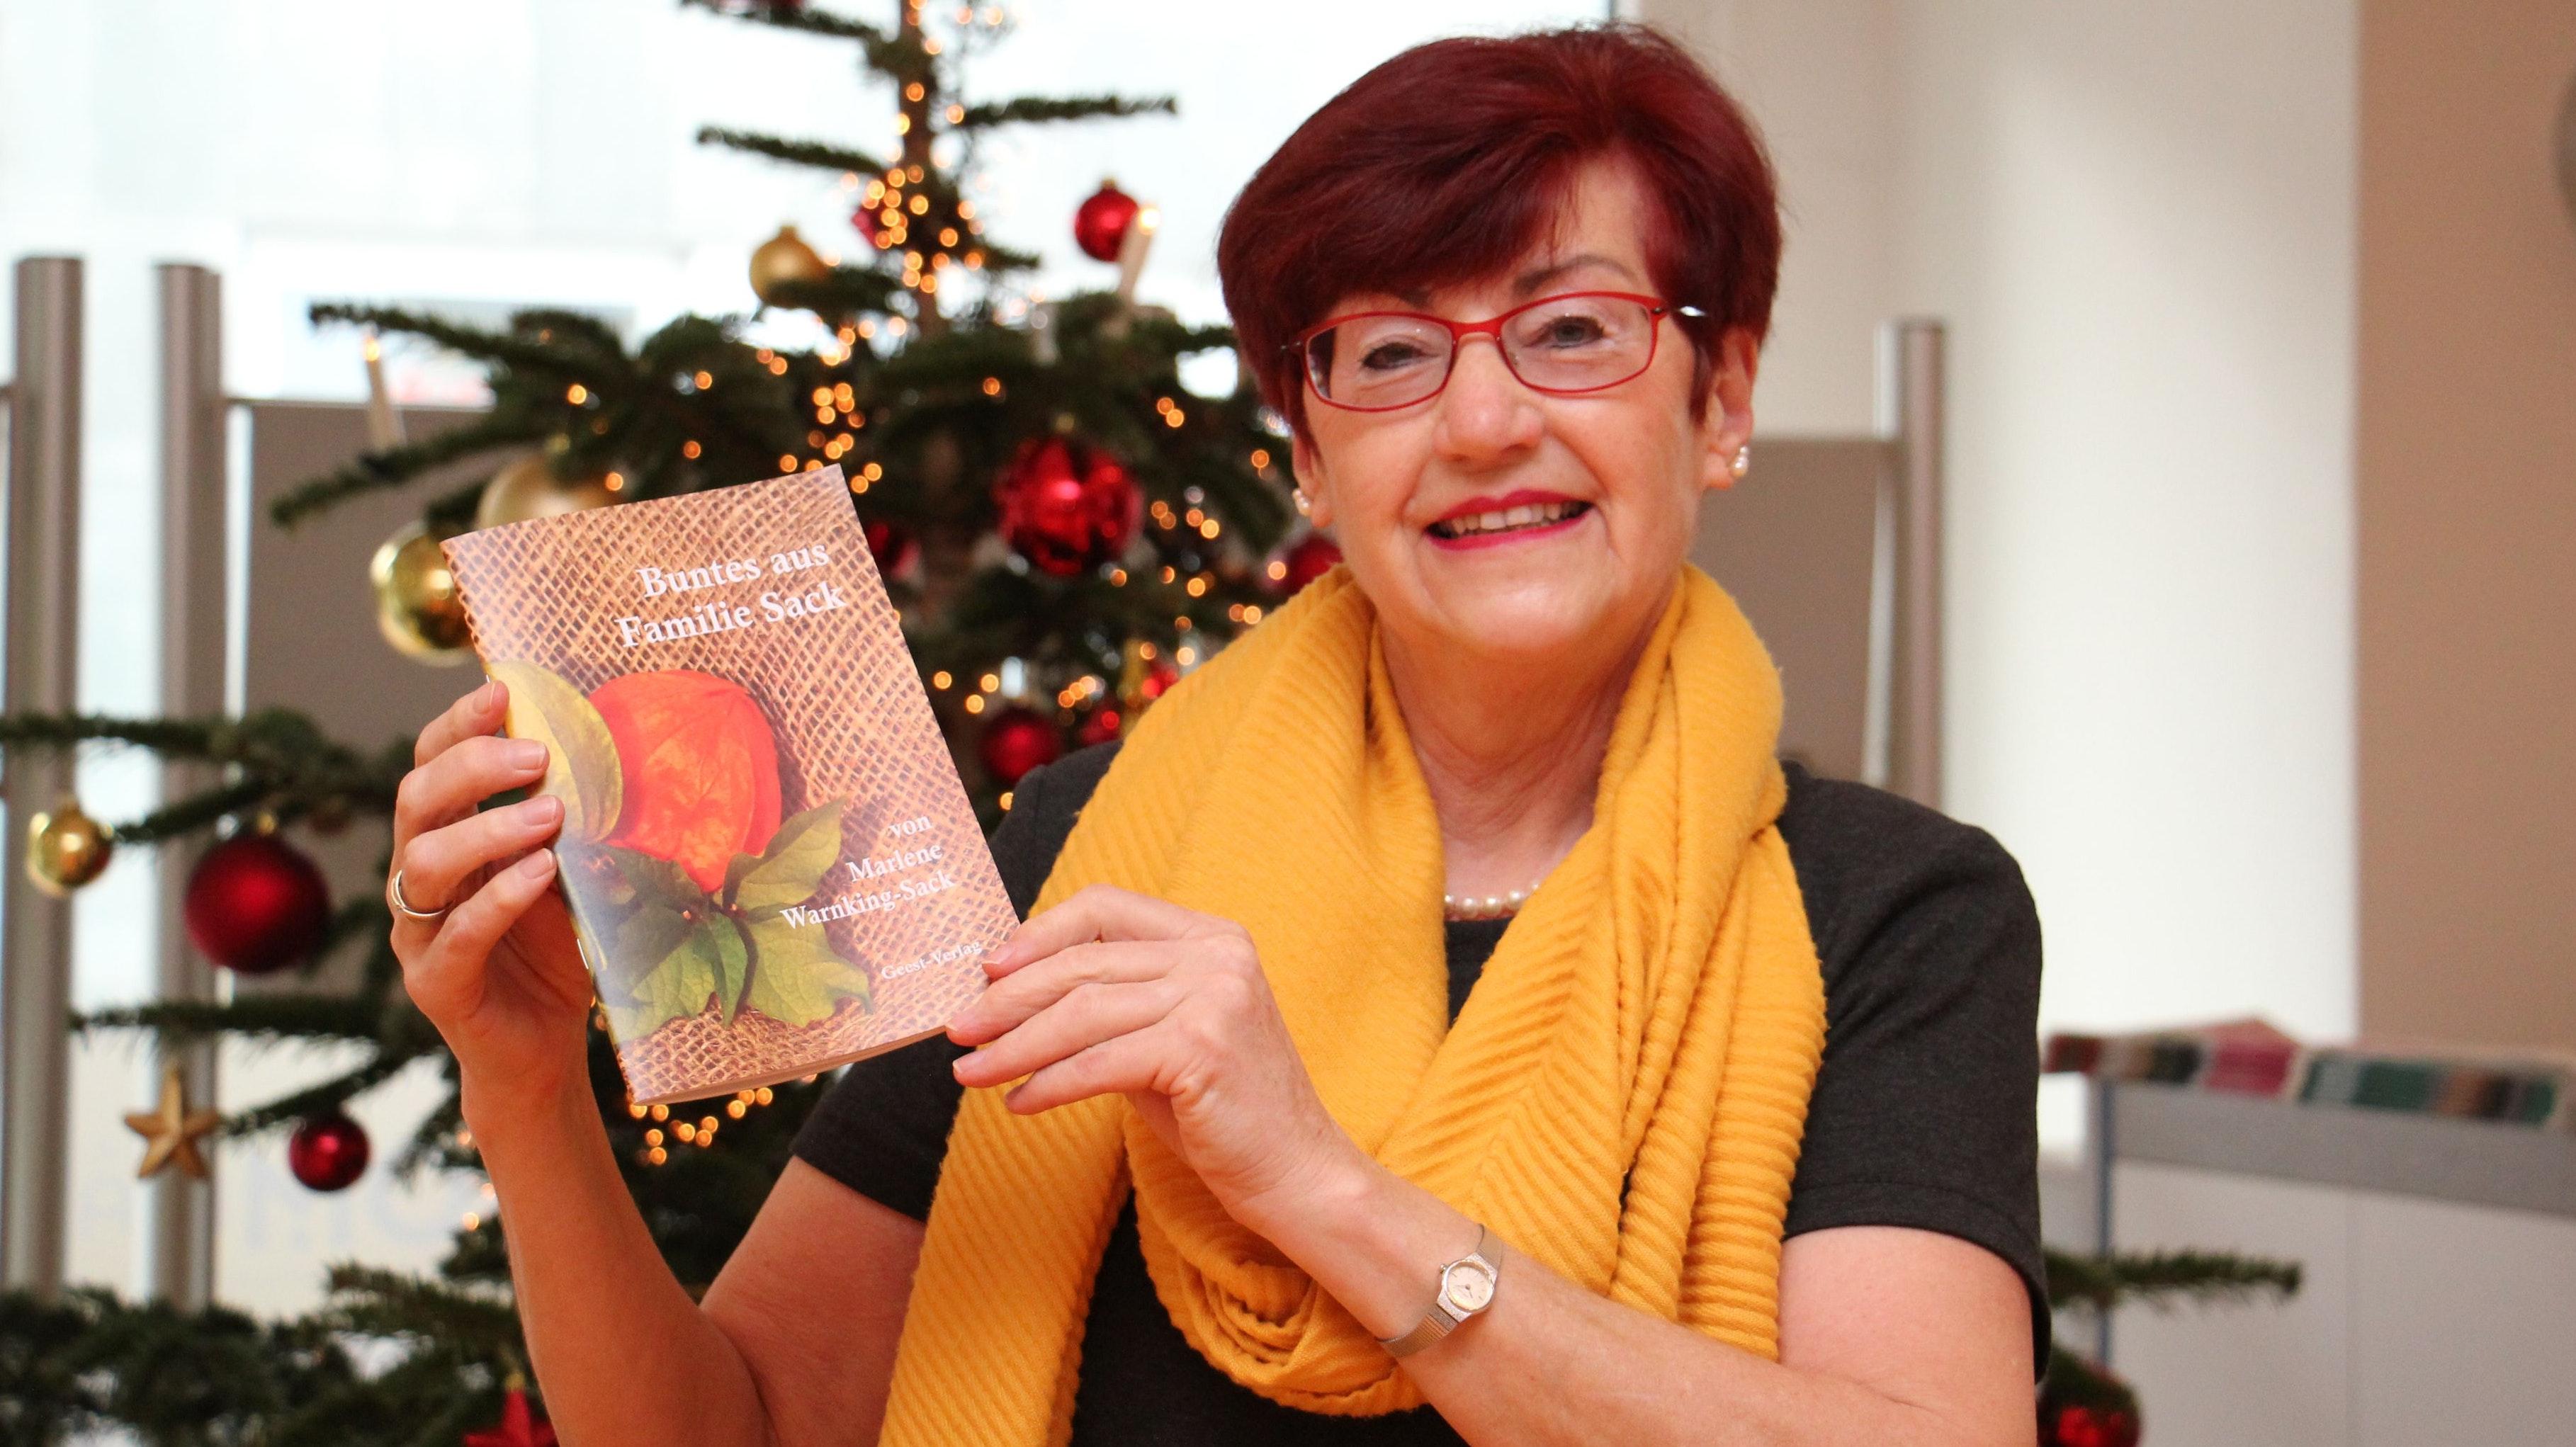 Bunt und kurzweilig: Marlene Warnking-Sack hat persönliche Erlebnisse in einem Buch gebündelt. Foto: Speckmann